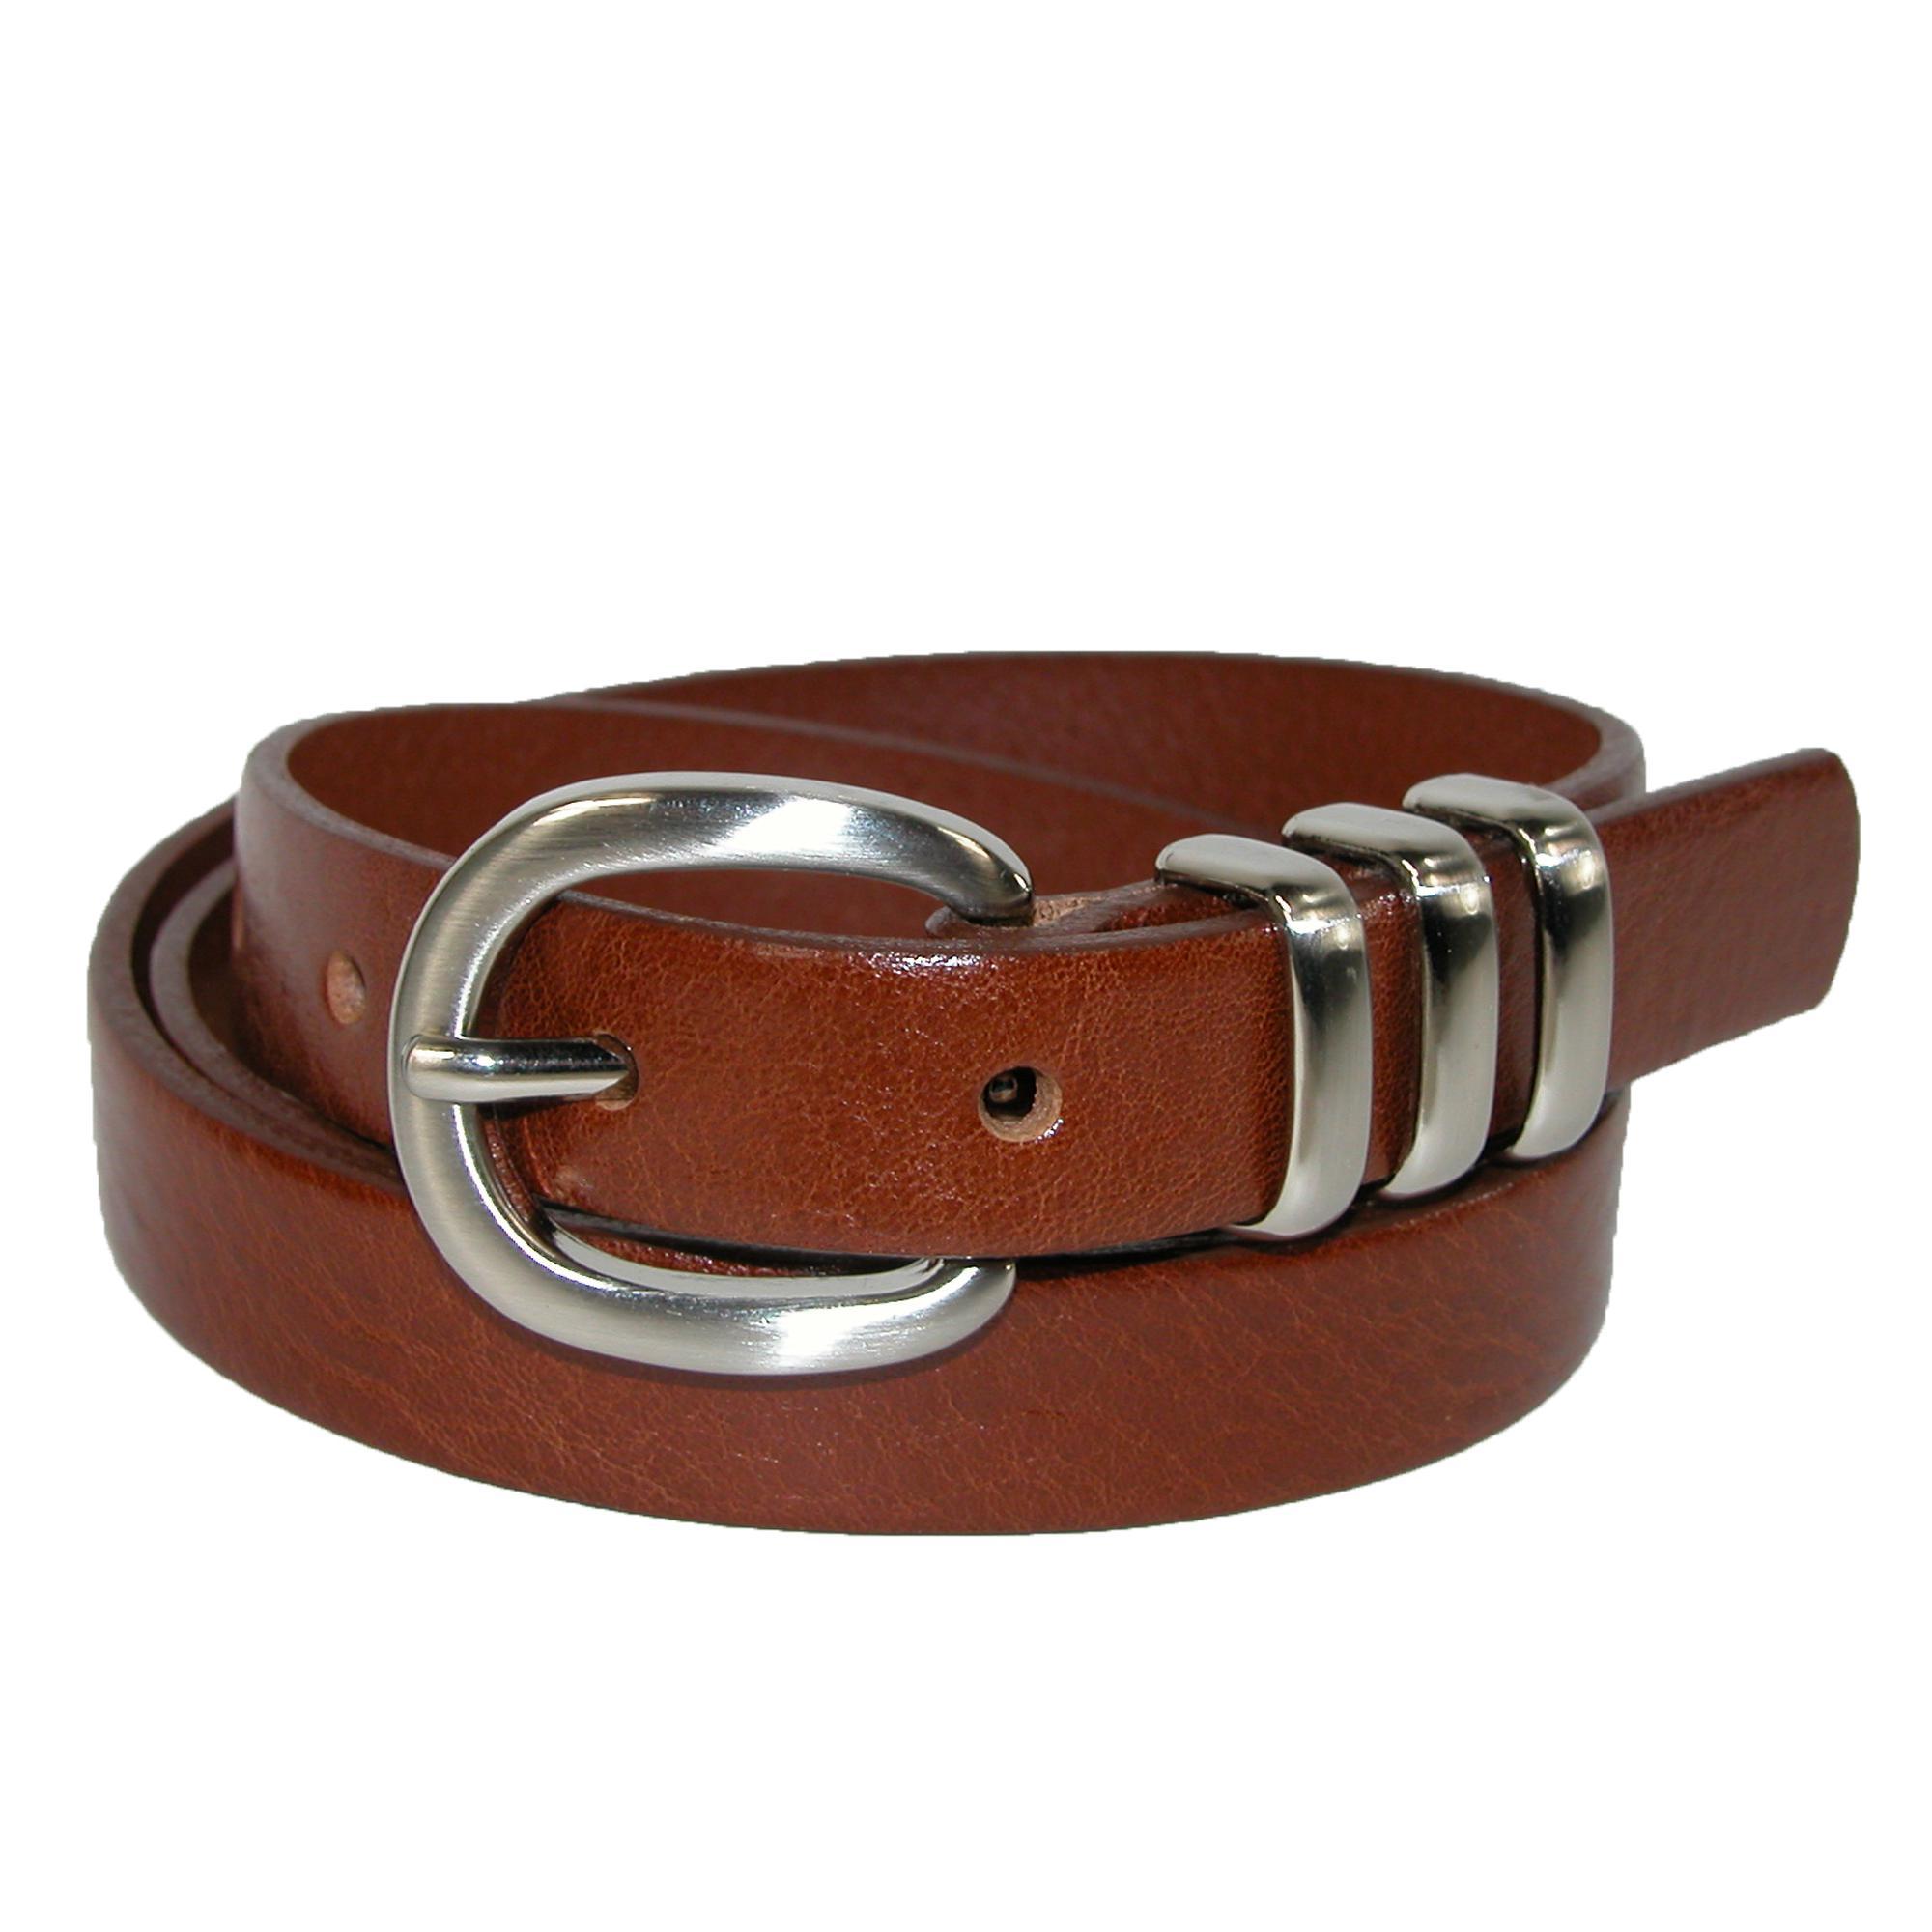 Landes Womens Skinny Belt With 3 Metal Loop Keepers